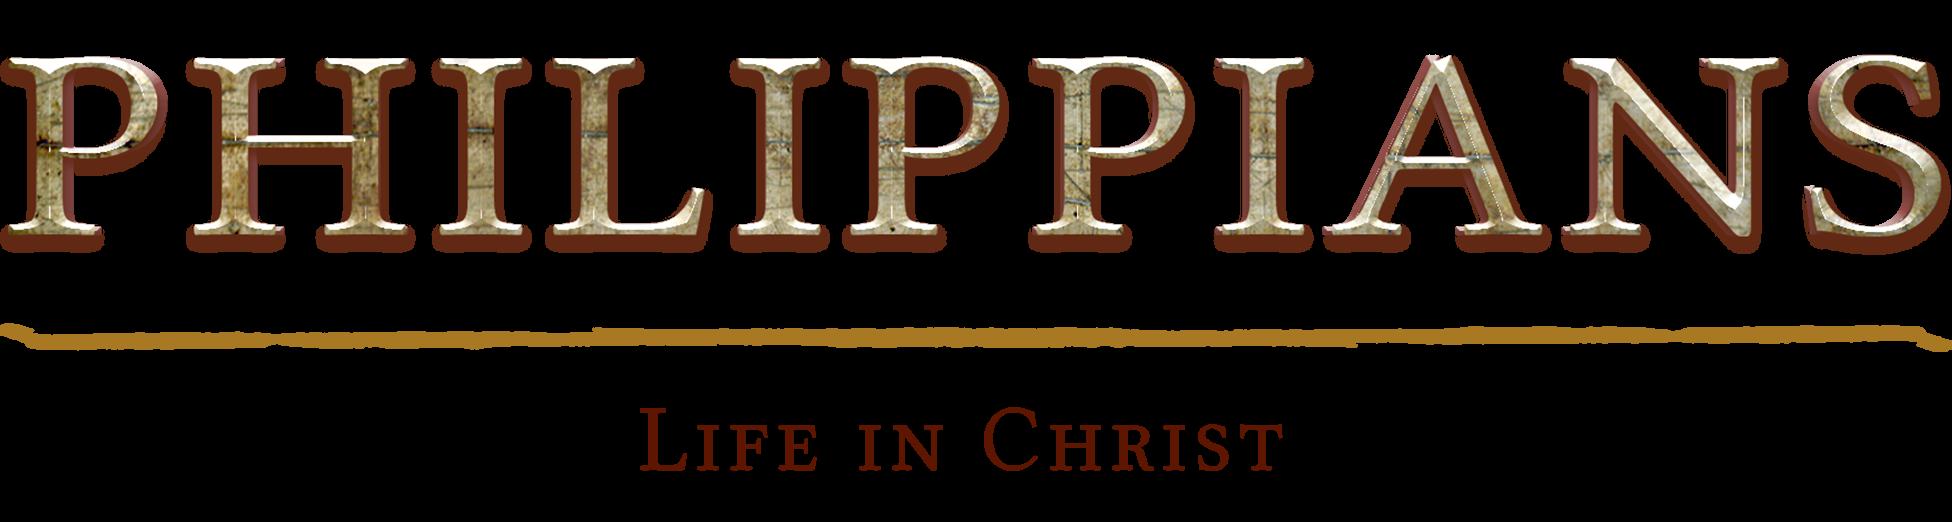 LectioPhilippians_title-e1550765993927.png